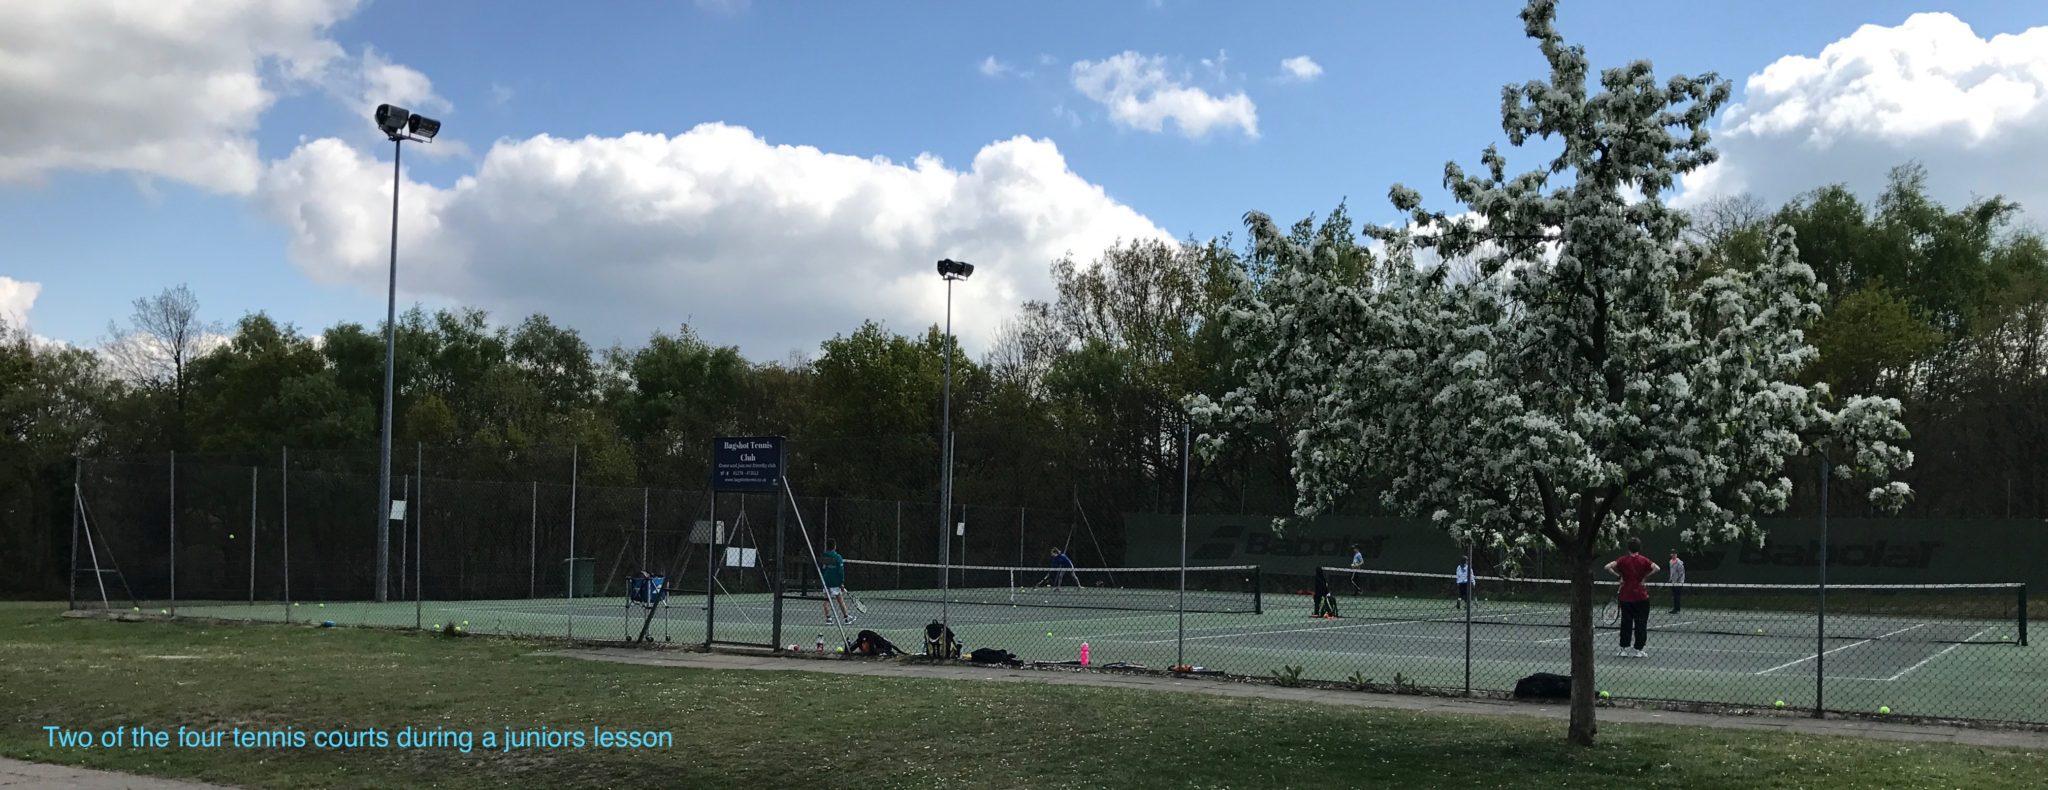 Bagshot tennis courts